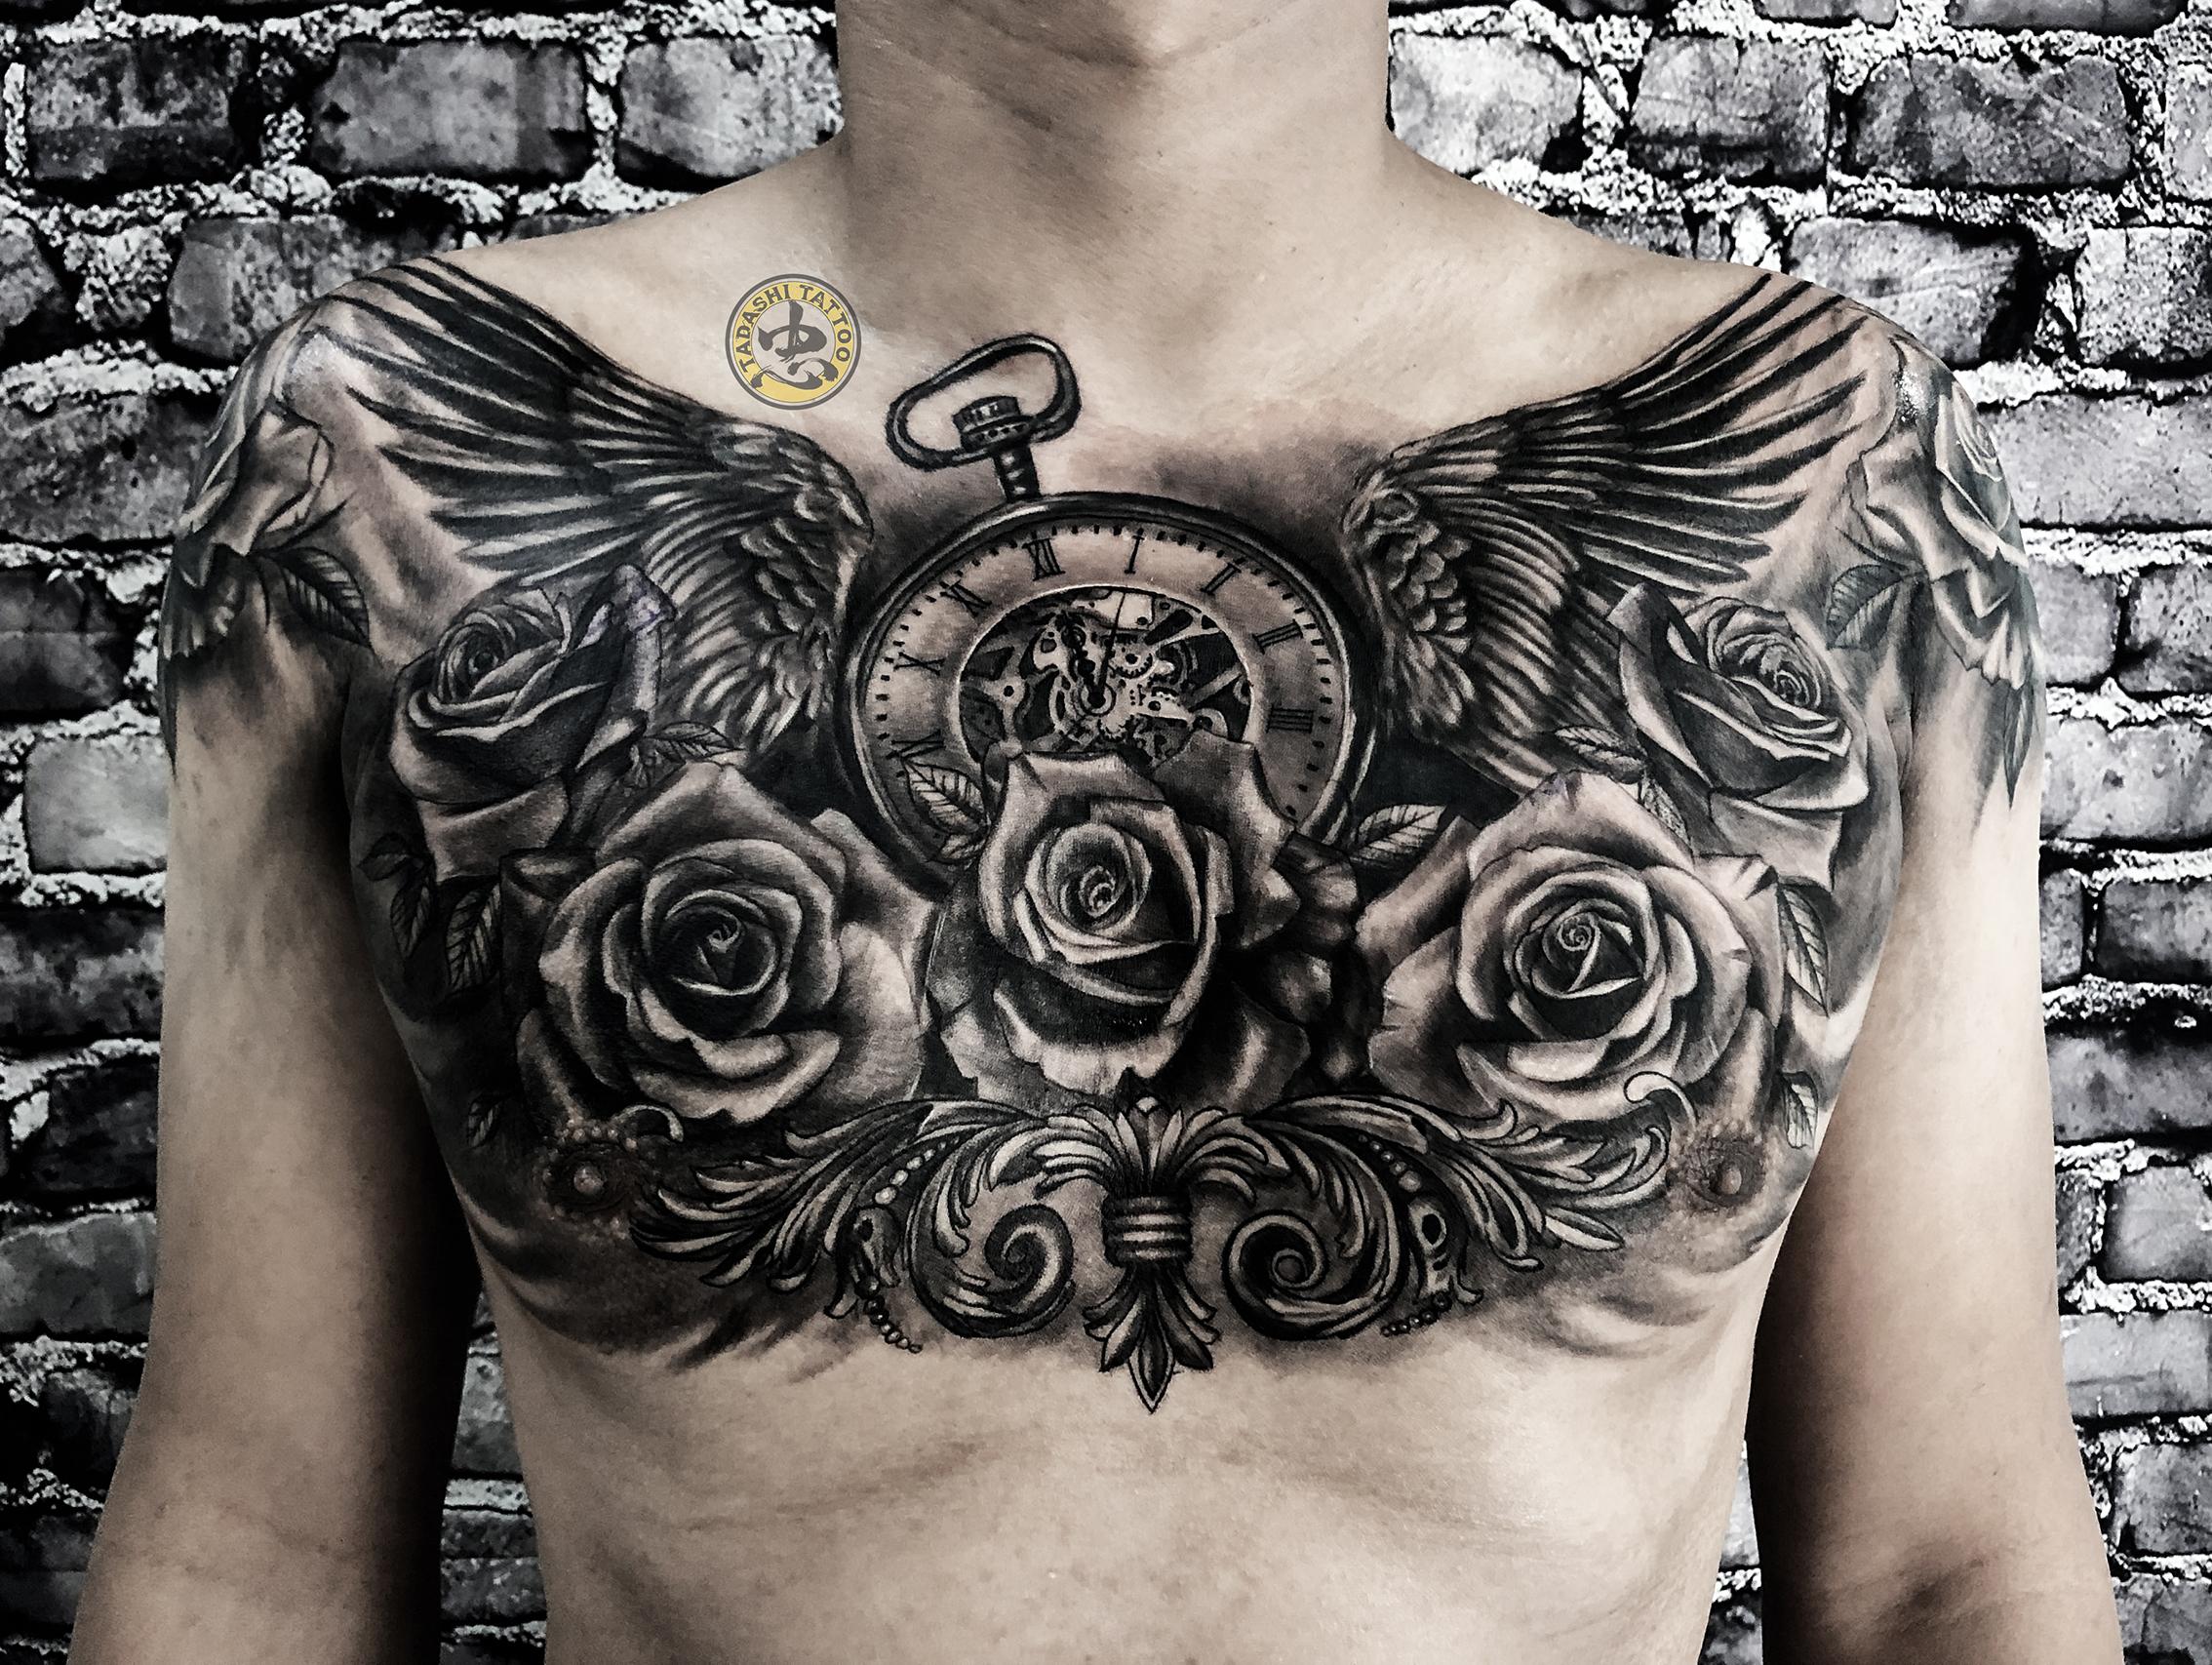 hình xăm hoa hồng và đồng hồ la mã 3D full ngực